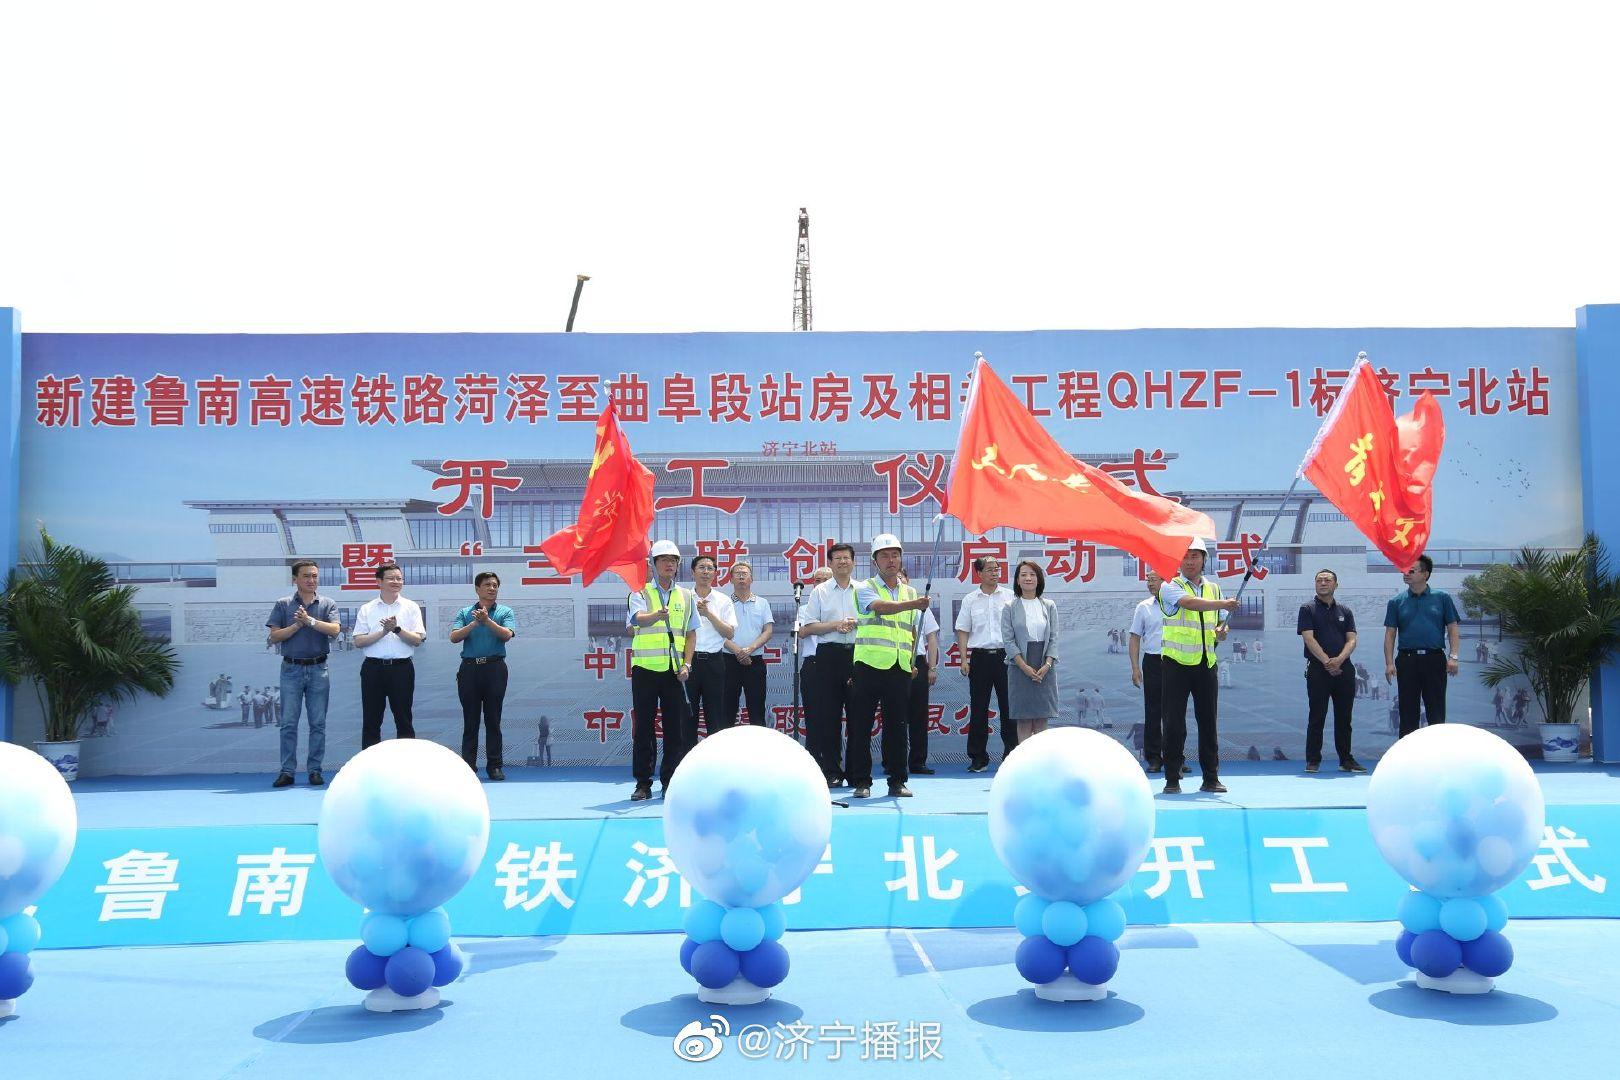 鲁南高铁济宁北站昨日开工 预计2021年底投入使用